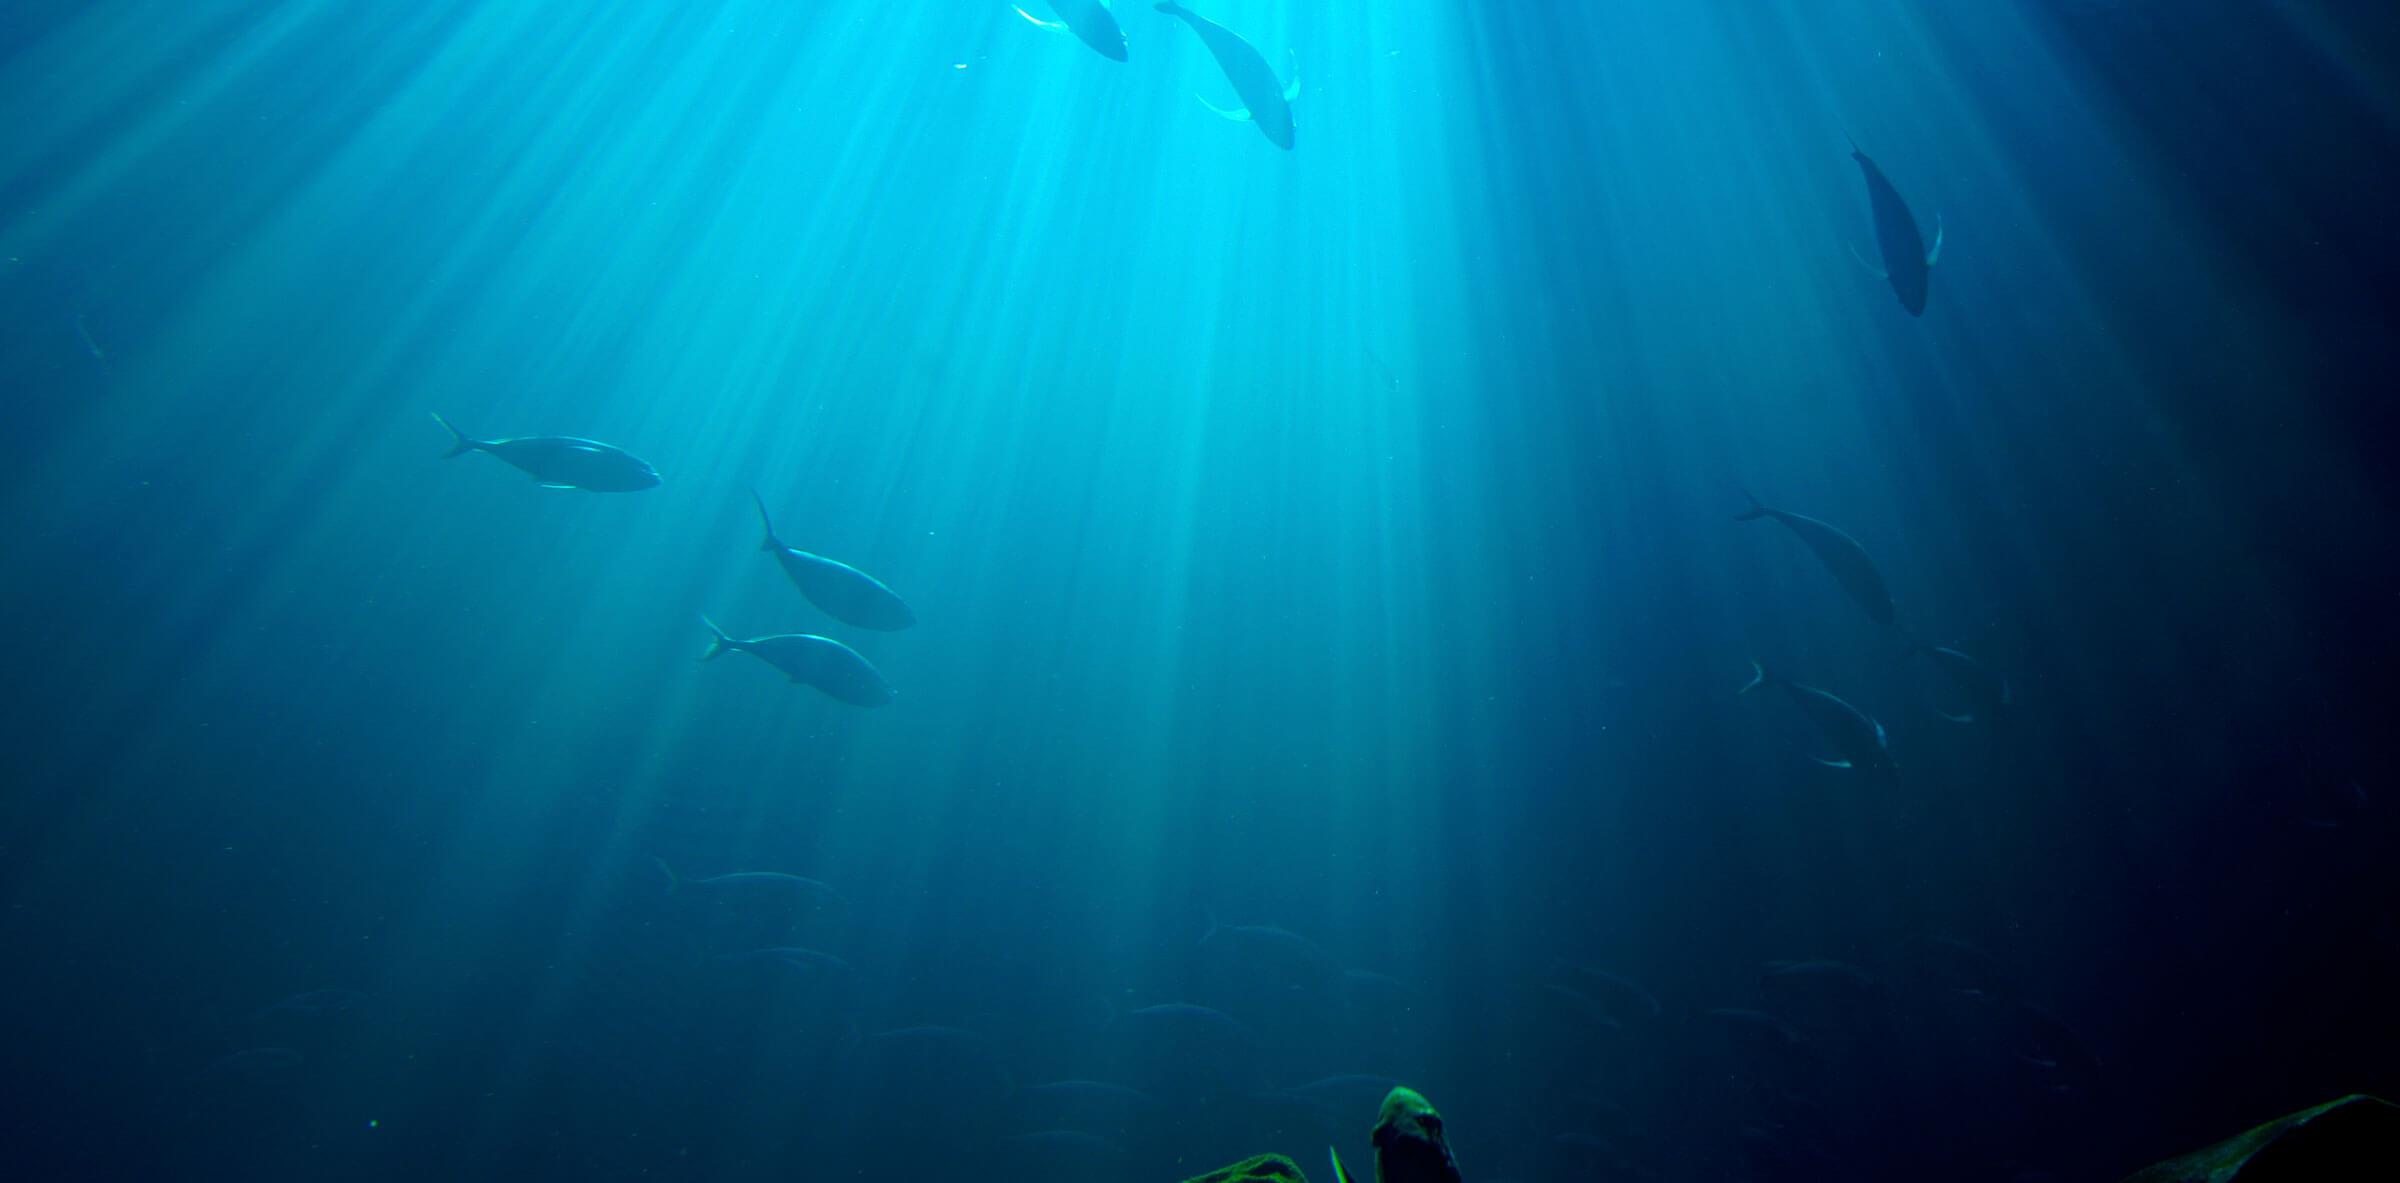 Peces nadando en el fondo del mar